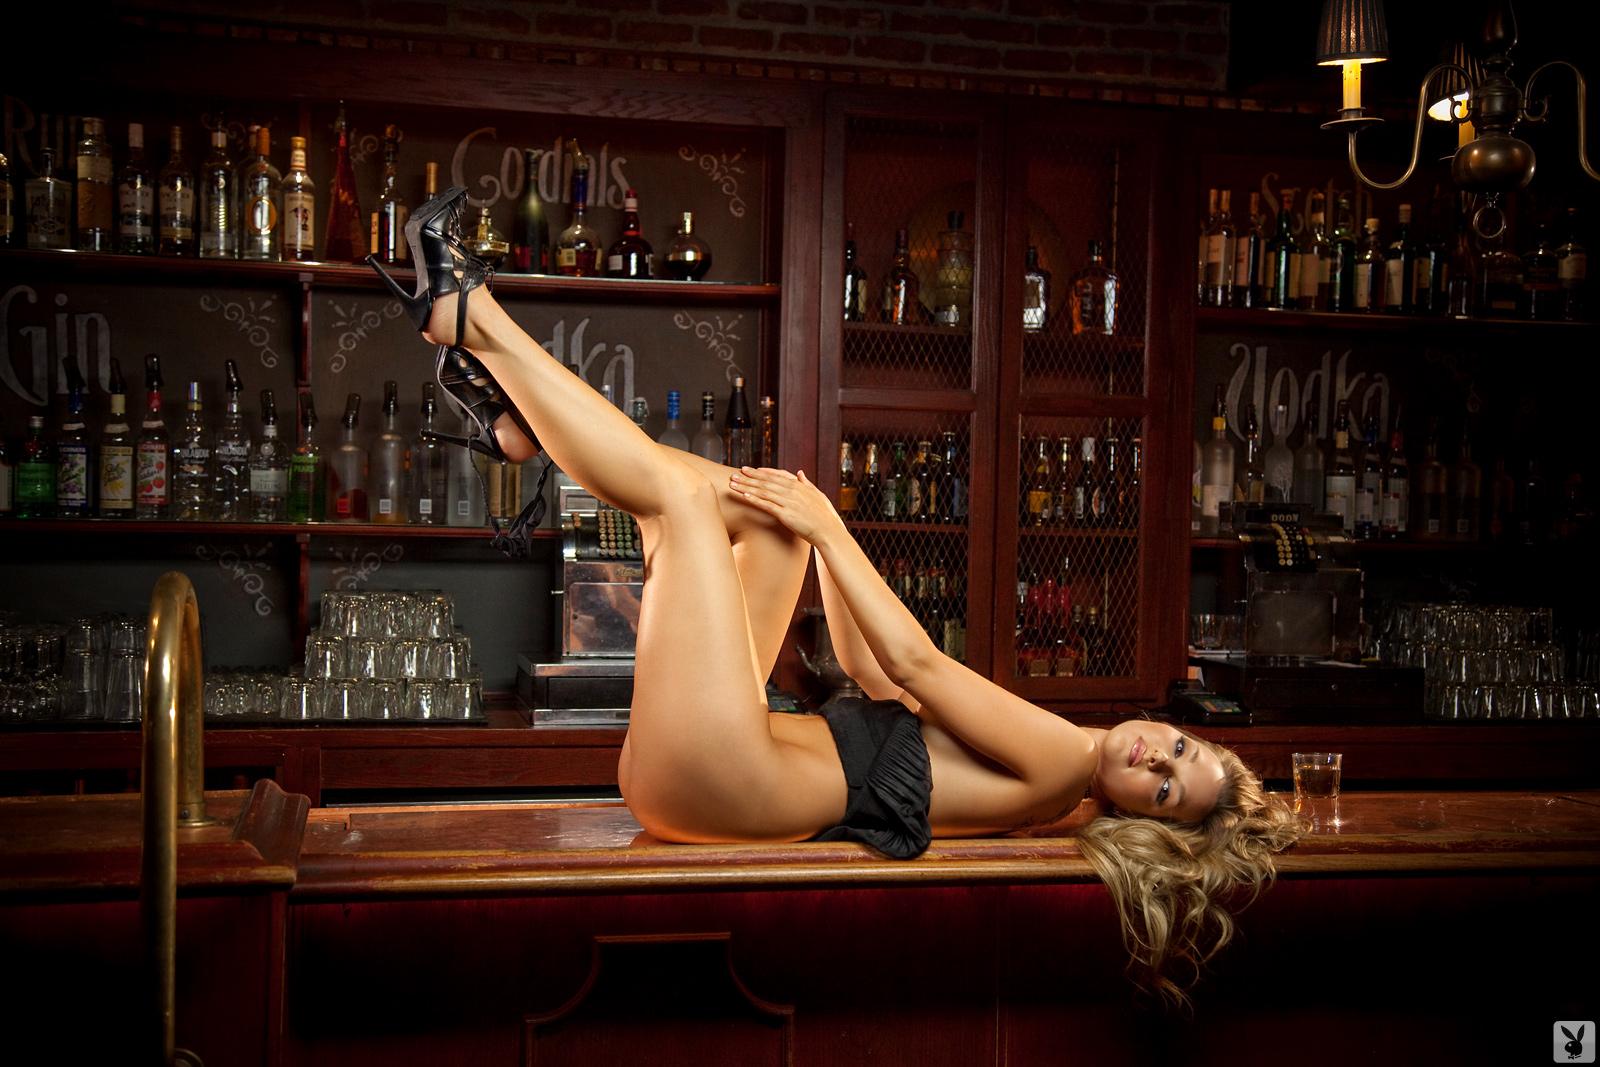 Секс за барной стойке 9 фотография